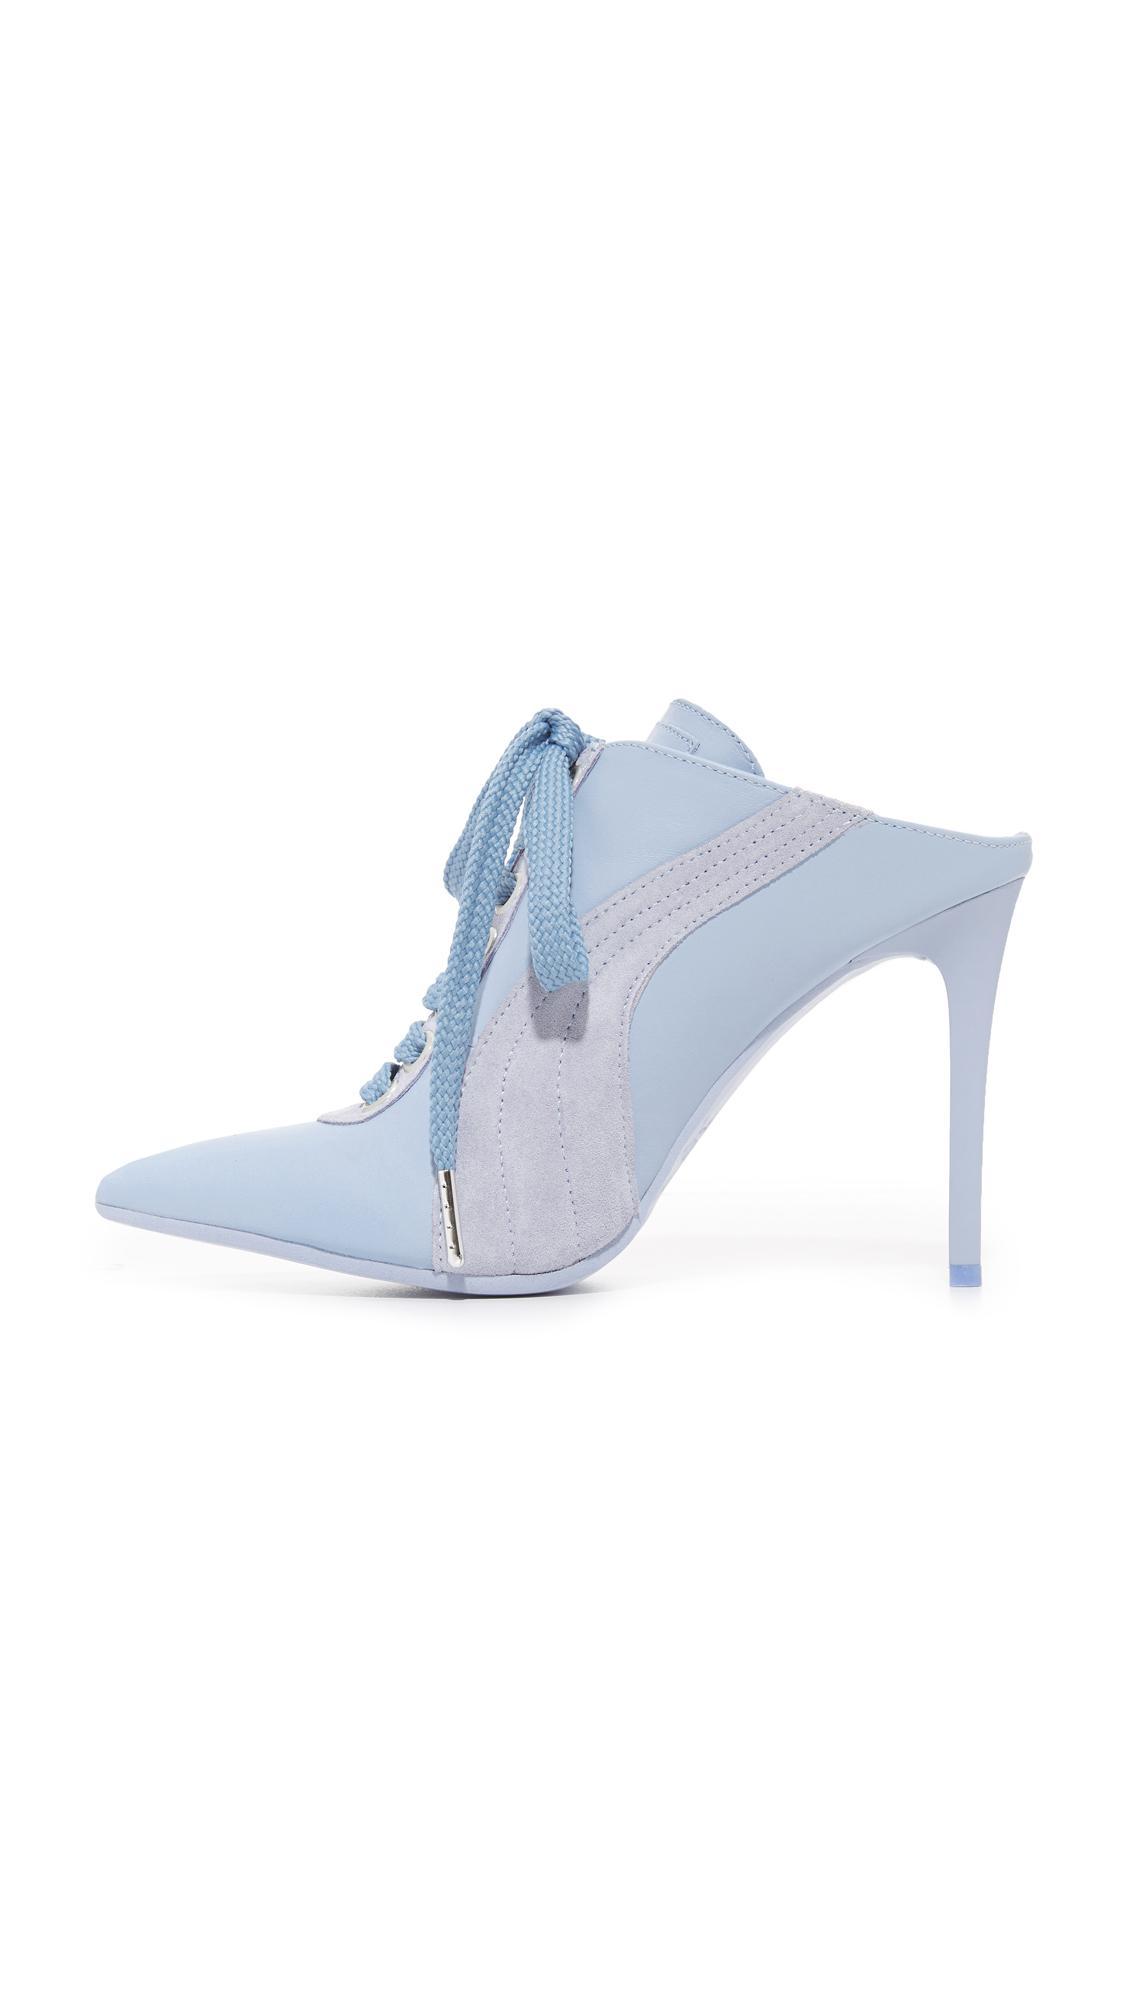 Lyst - PUMA Fenty X Mule Heels in Blue 1eeb063472